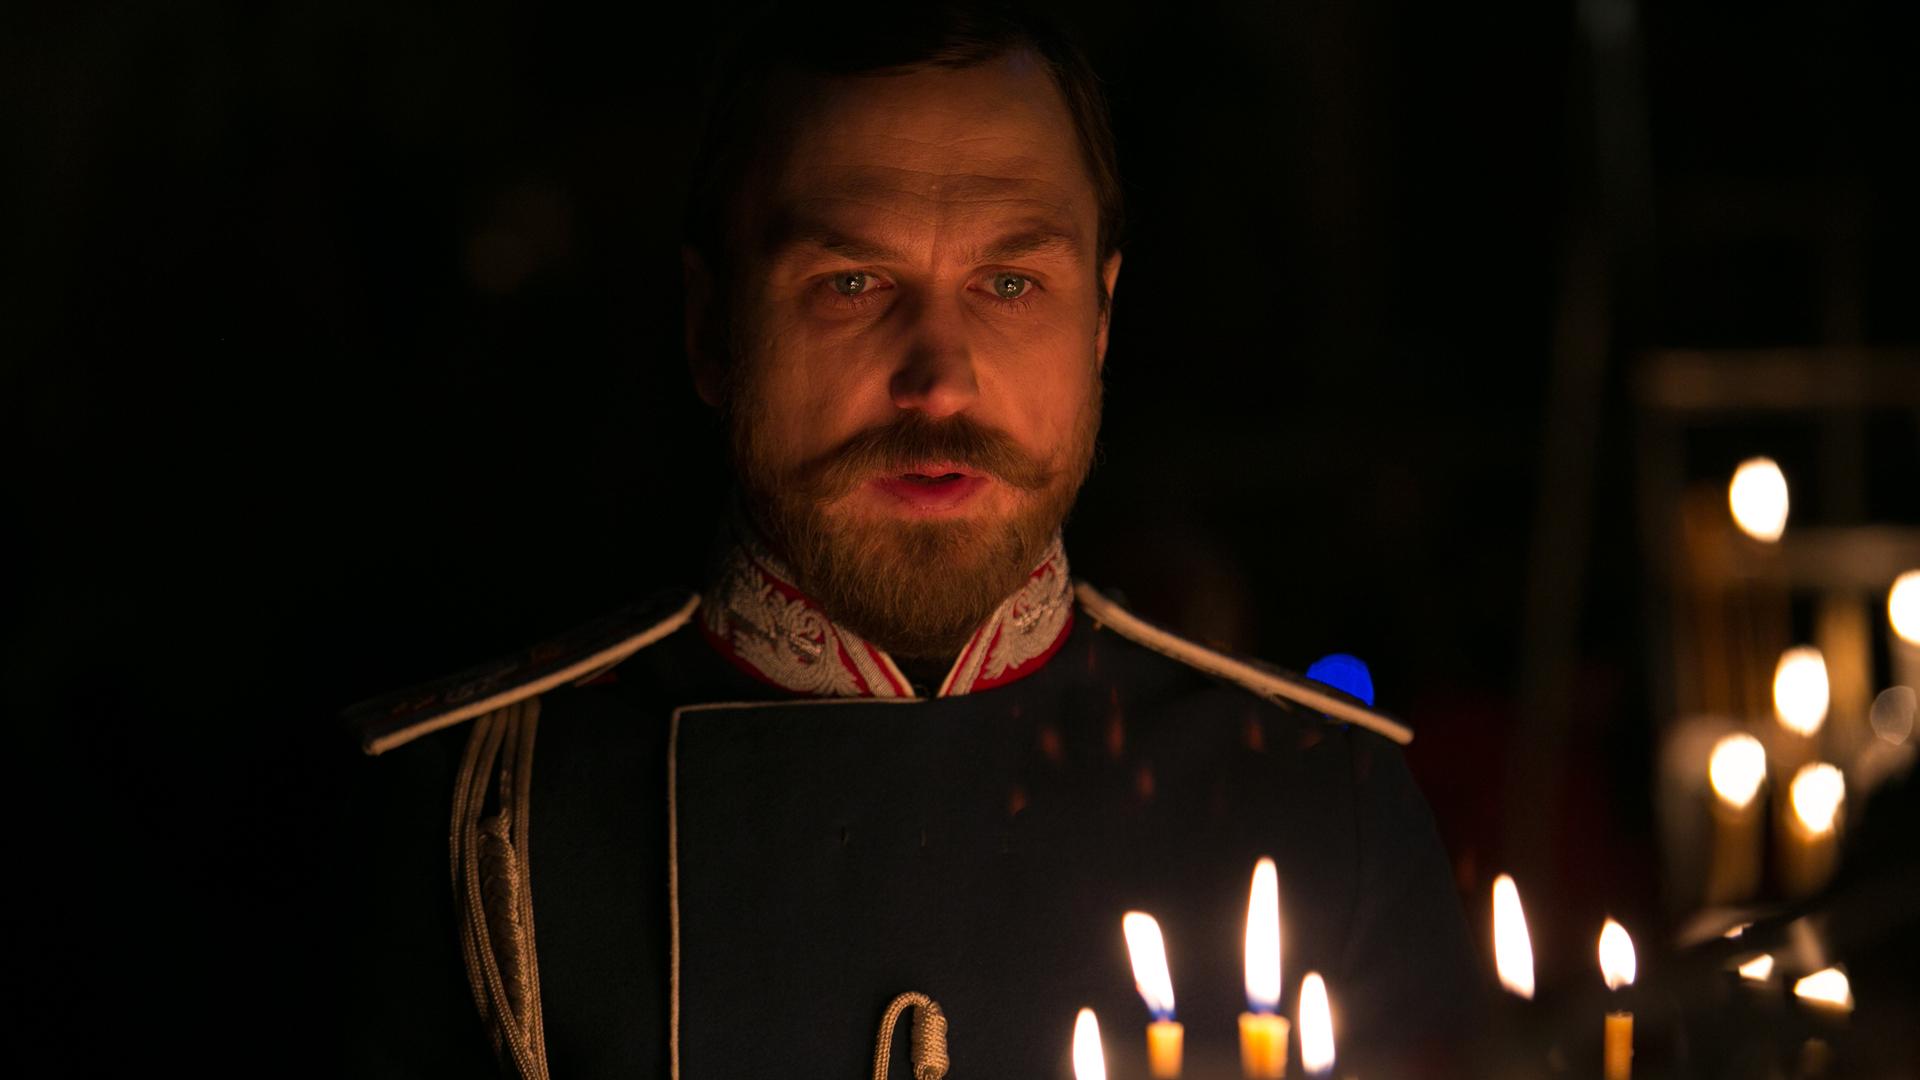 Zar Nikolaus II. (Lars Eidinger) wurde im Jahr 2000 von der russisch-orthodoxen Kirche heilig gesprochen